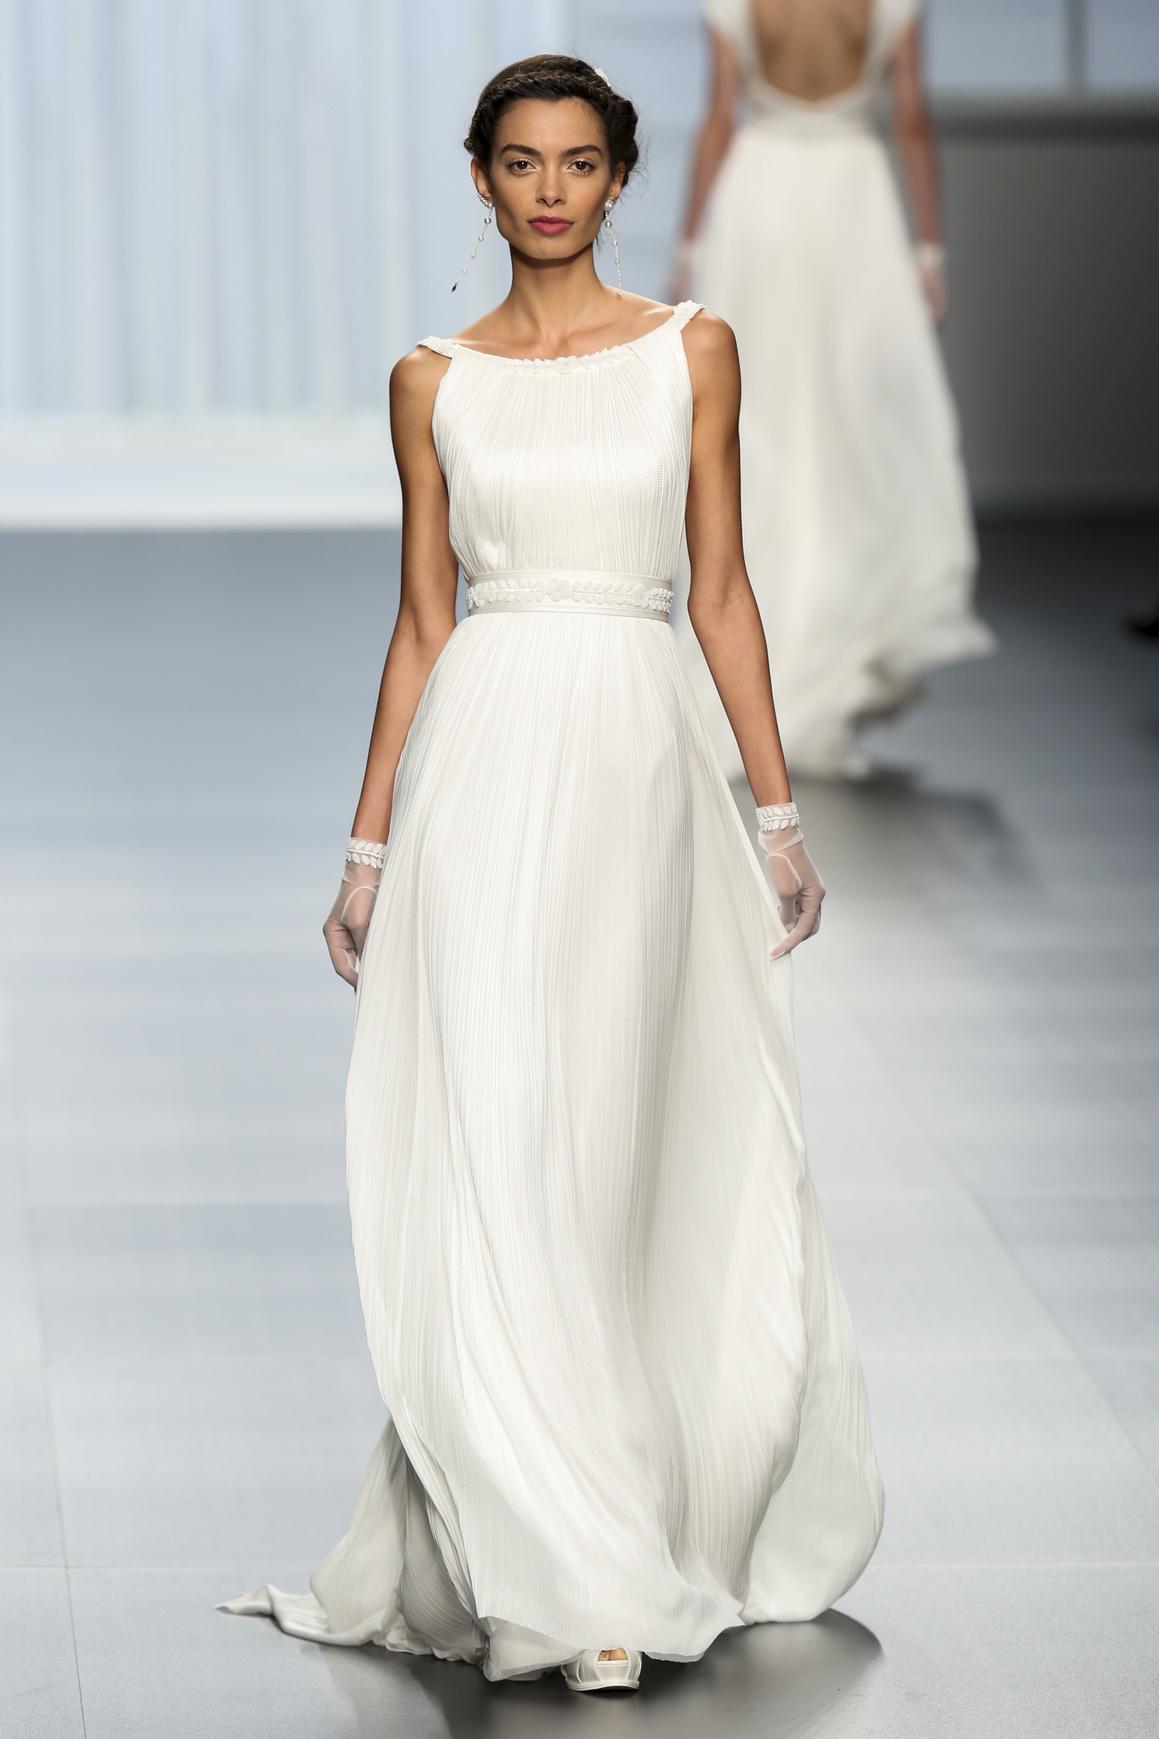 Matrimonio In Spiaggia Abito Sposa : I abiti da sposa per un matrimonio in spiaggia